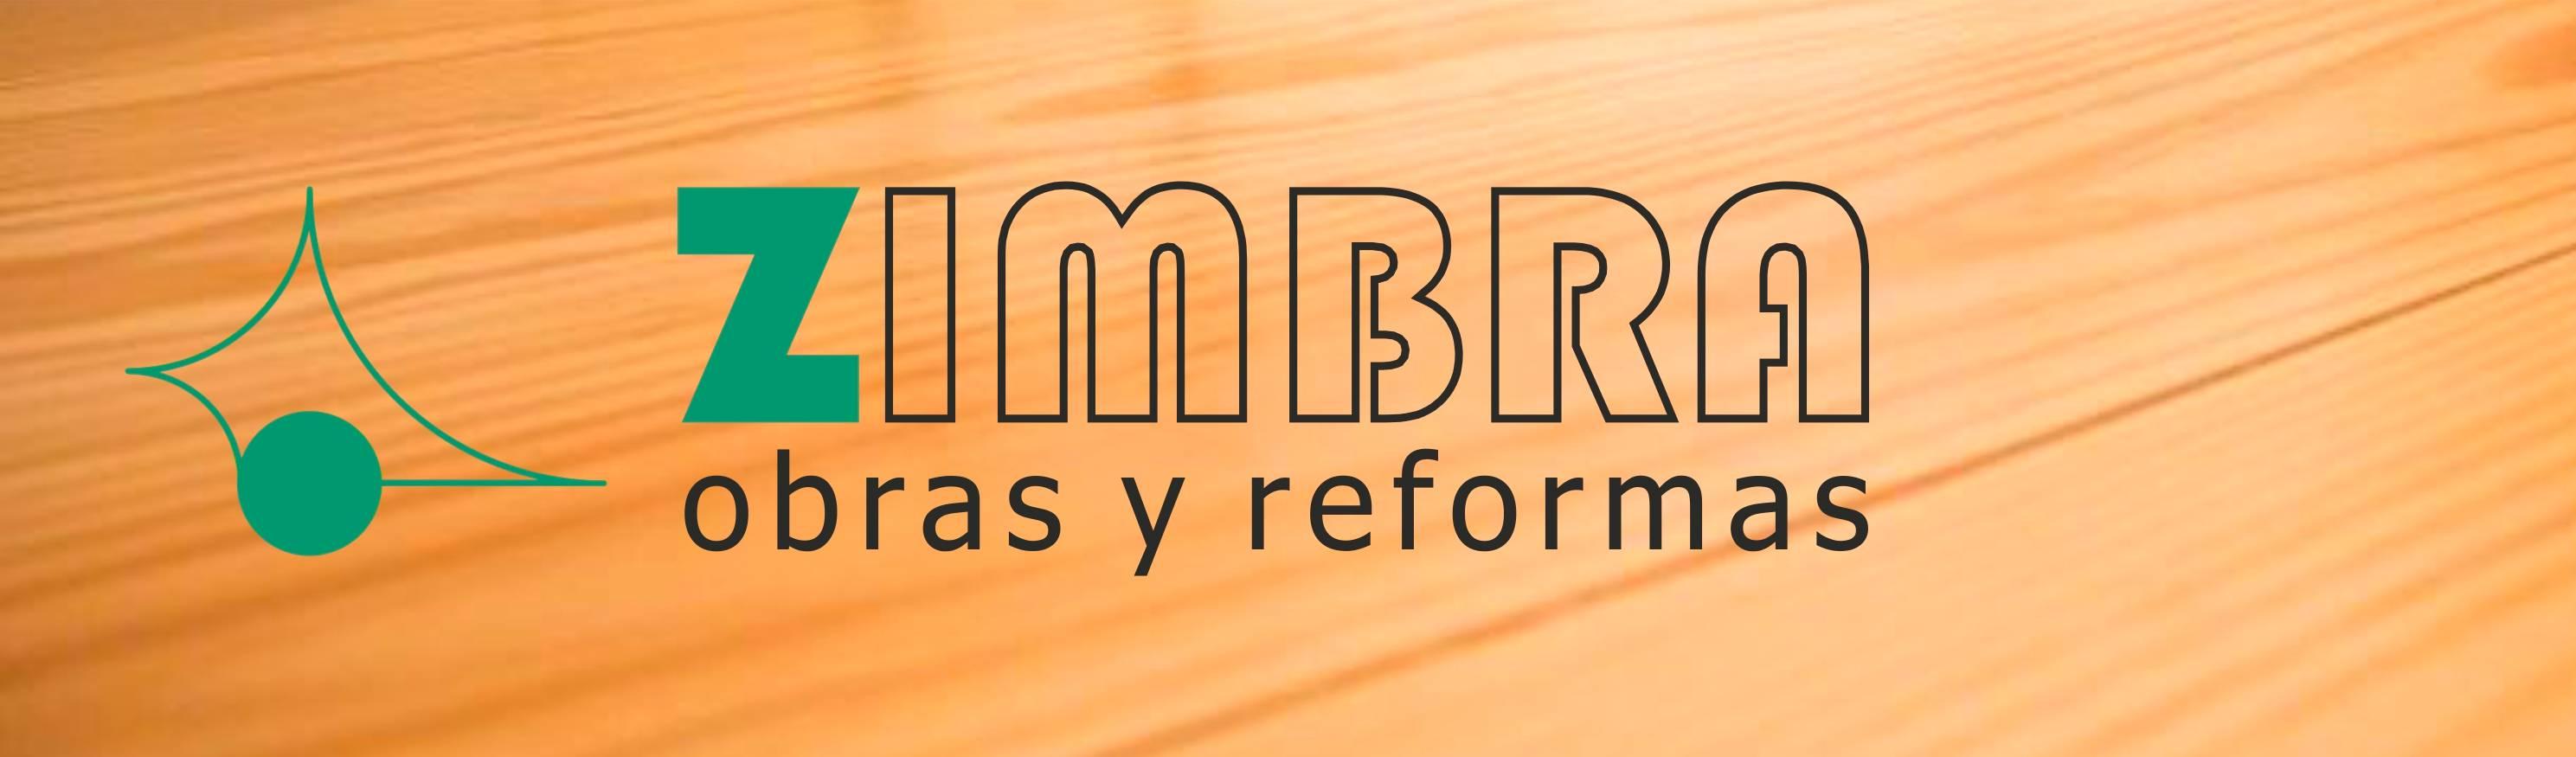 Logo por zimbra obras y reformas homify - Obras y reformas ...